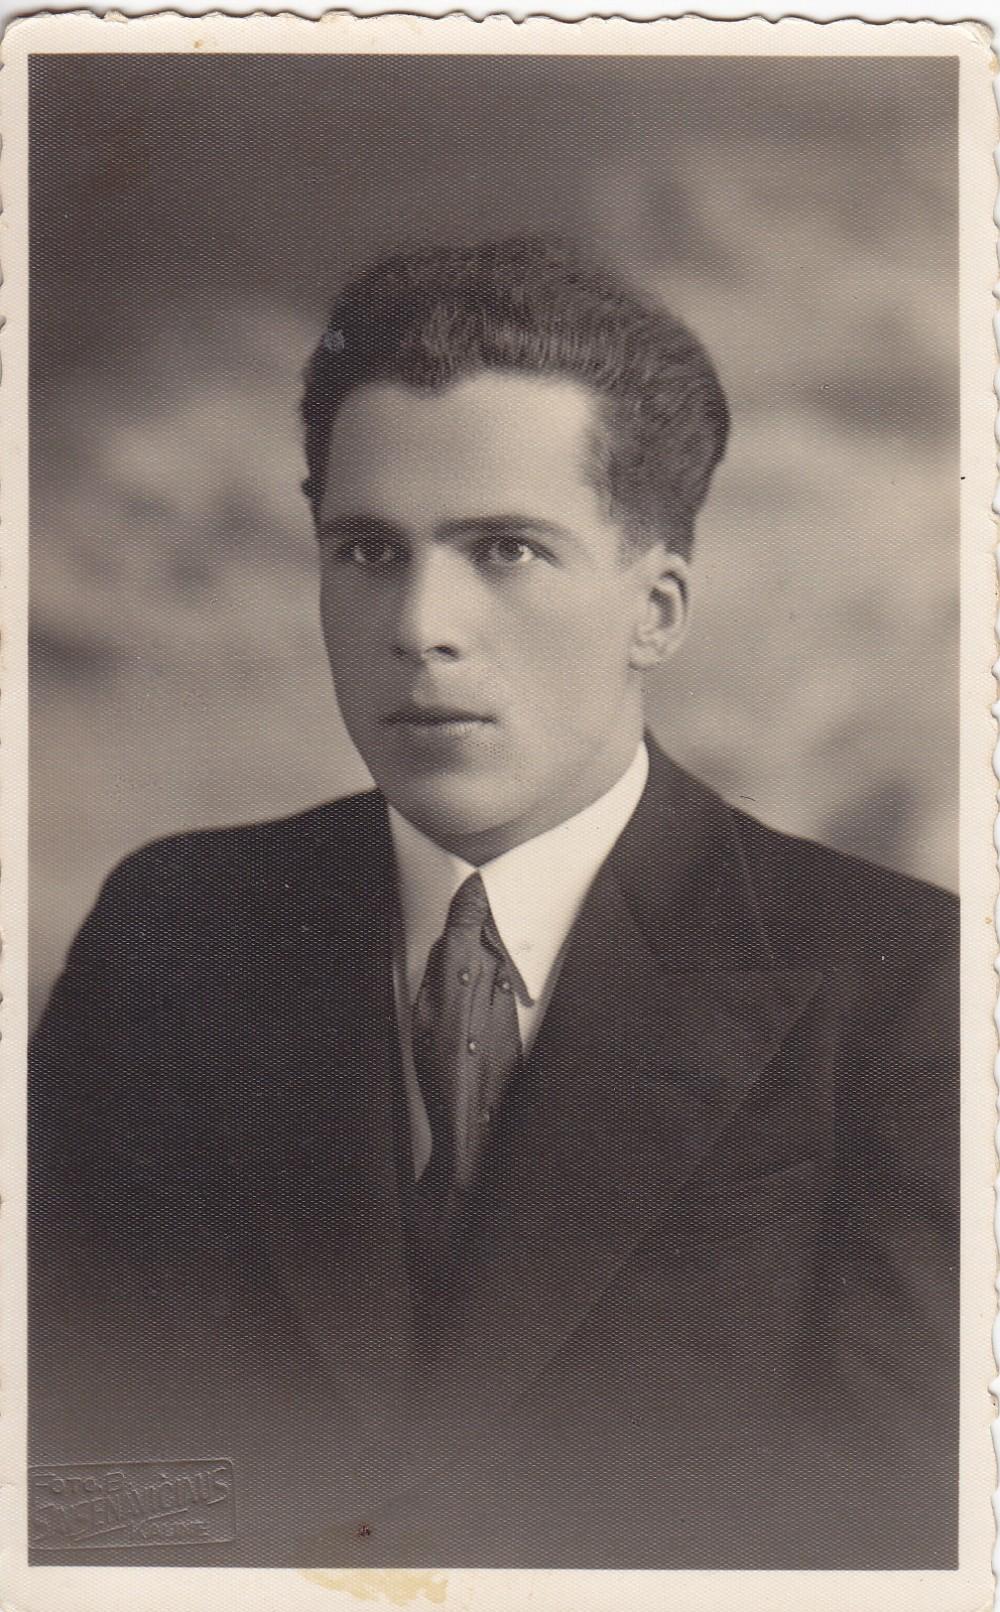 Lietuvos universiteto studentas. Kaunas. Apie 1928 m.